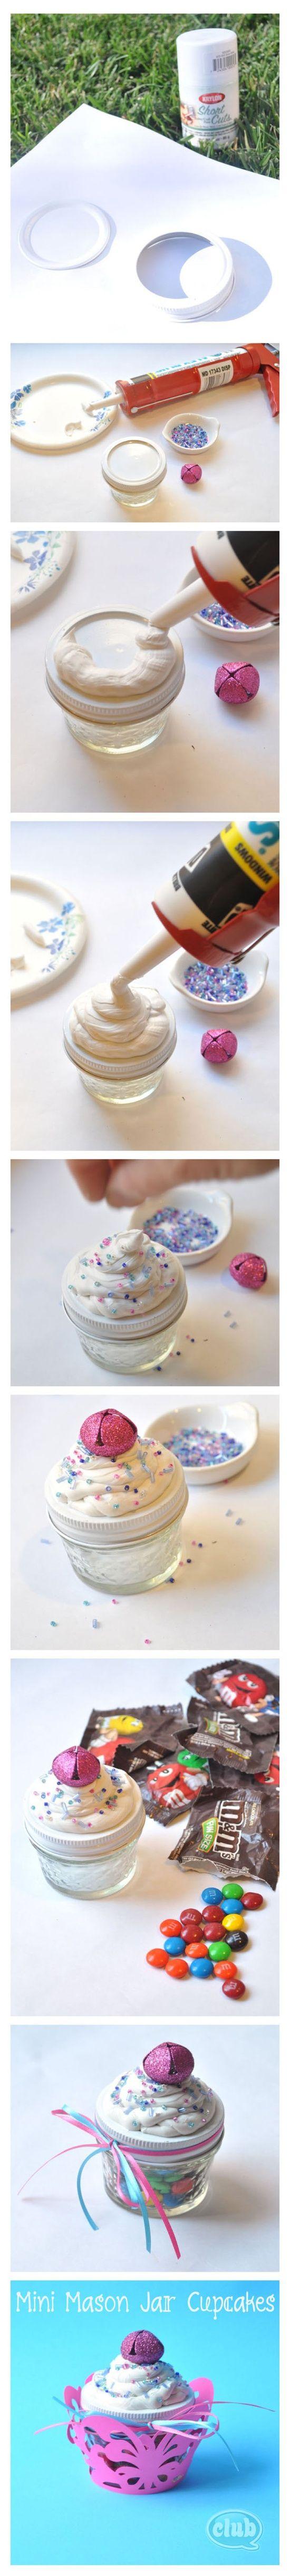 DIY Mason jar cupcakes! this is SO CUTE! ,